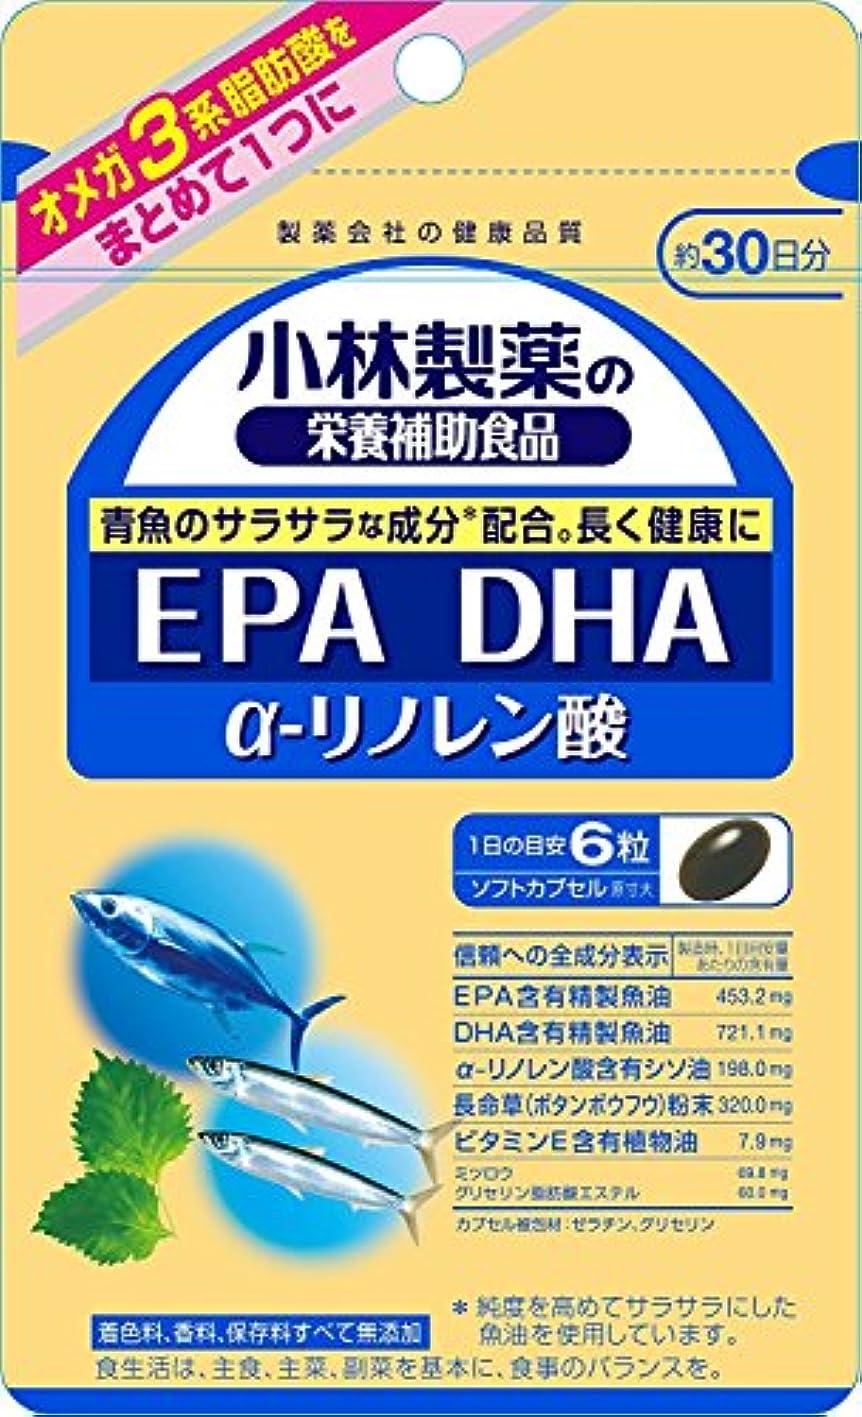 チューブ月曜日ダイバー小林製薬の栄養補助食品 EPA DHA α-リノレン酸 約30日分 180粒×3個